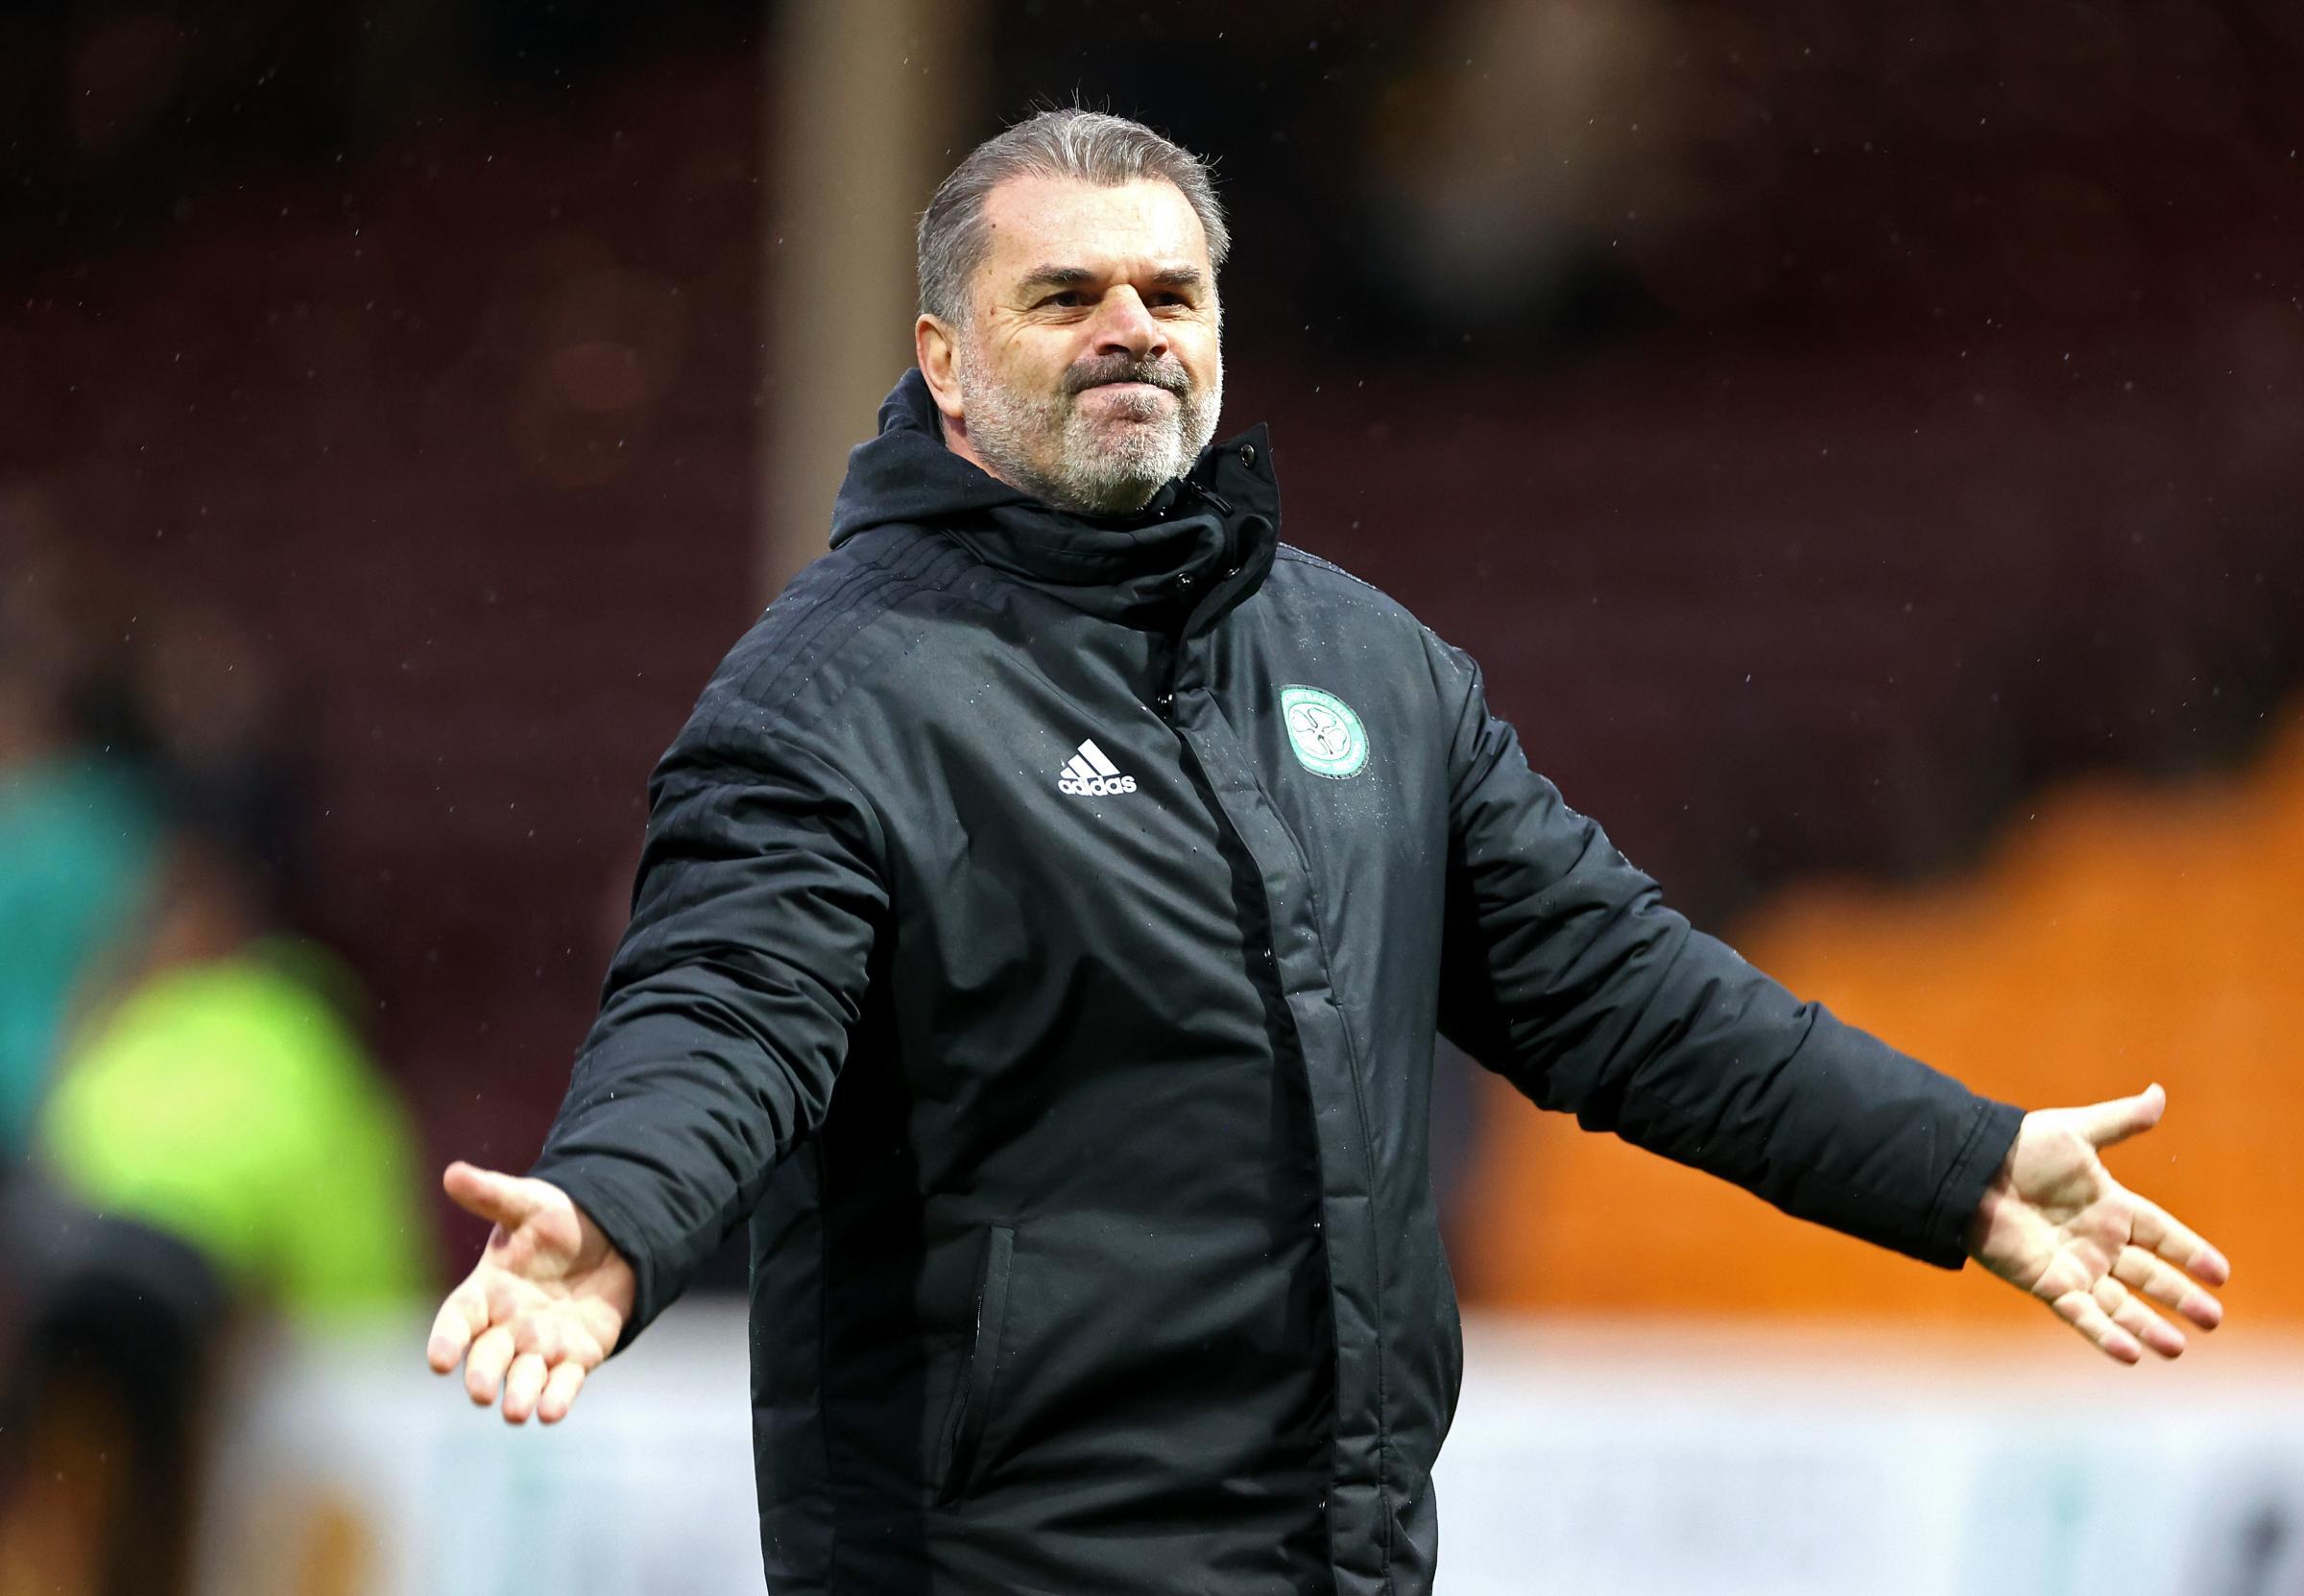 Celtic asuhan Ange Postecoglou telah berbelok dan merupakan penantang gelar yang serius – Aidan Smith